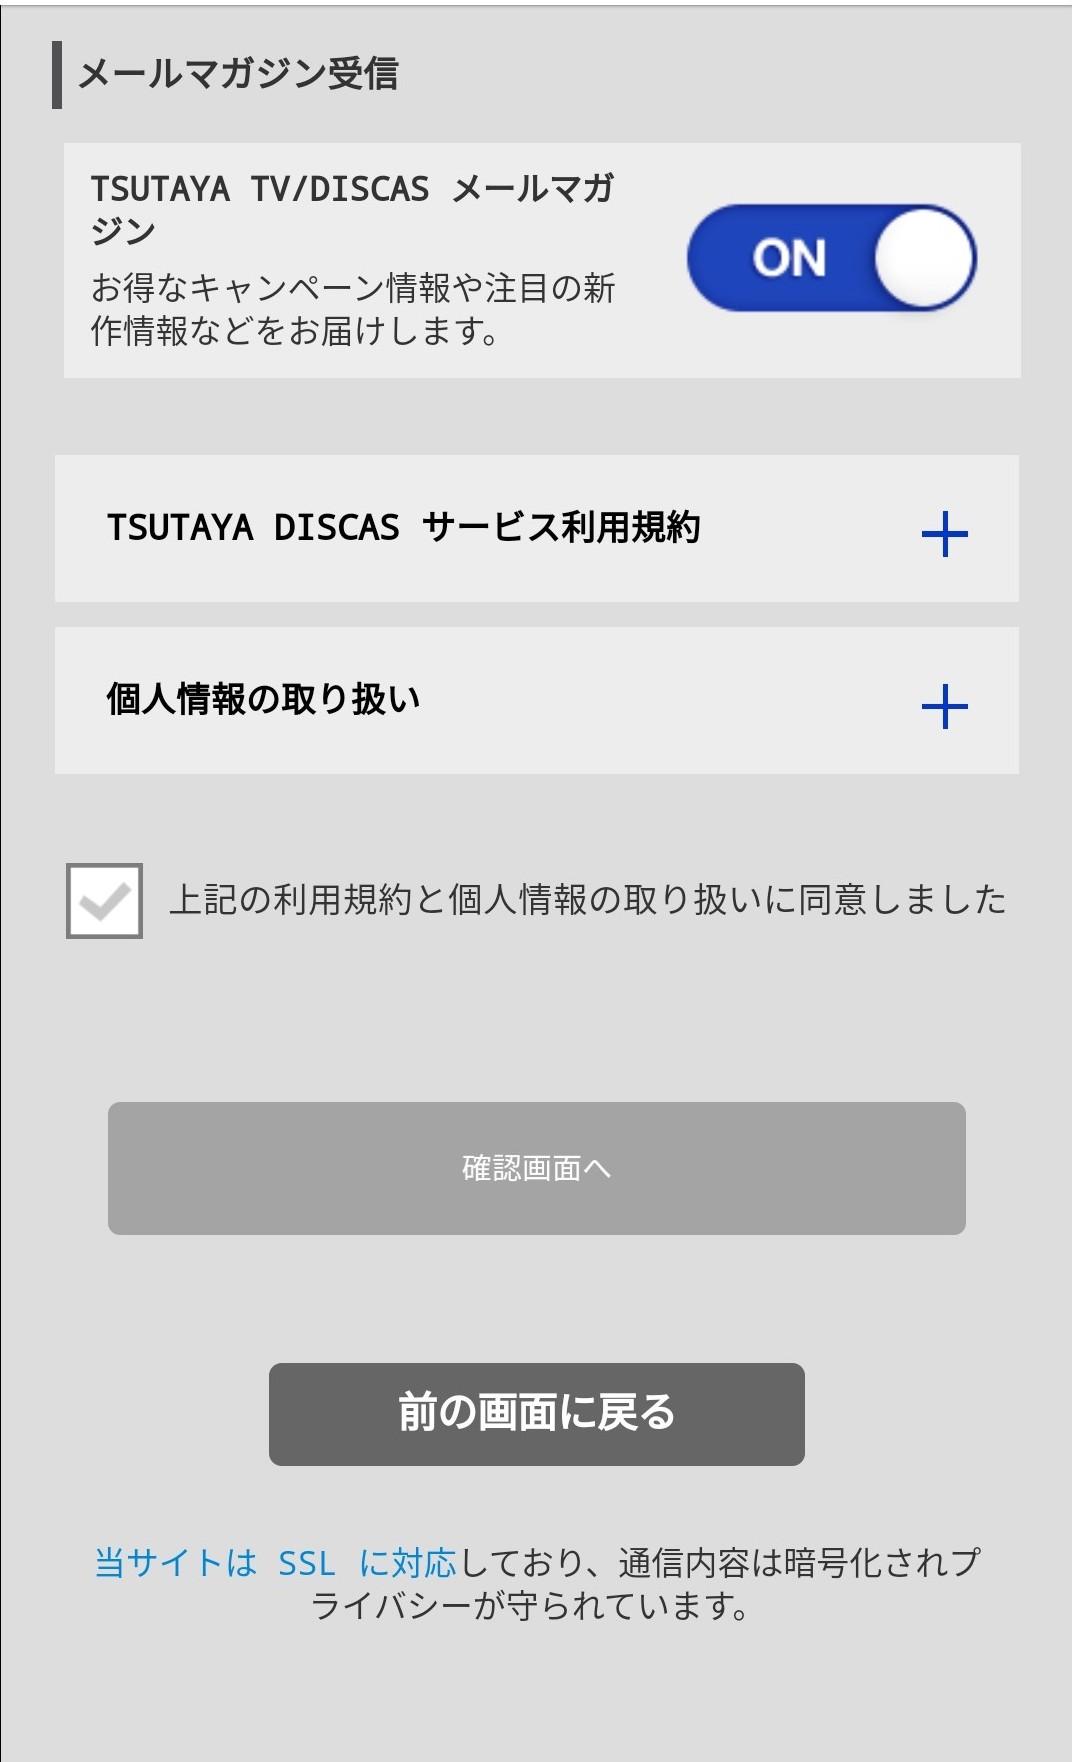 TSUTAYA登録方法4